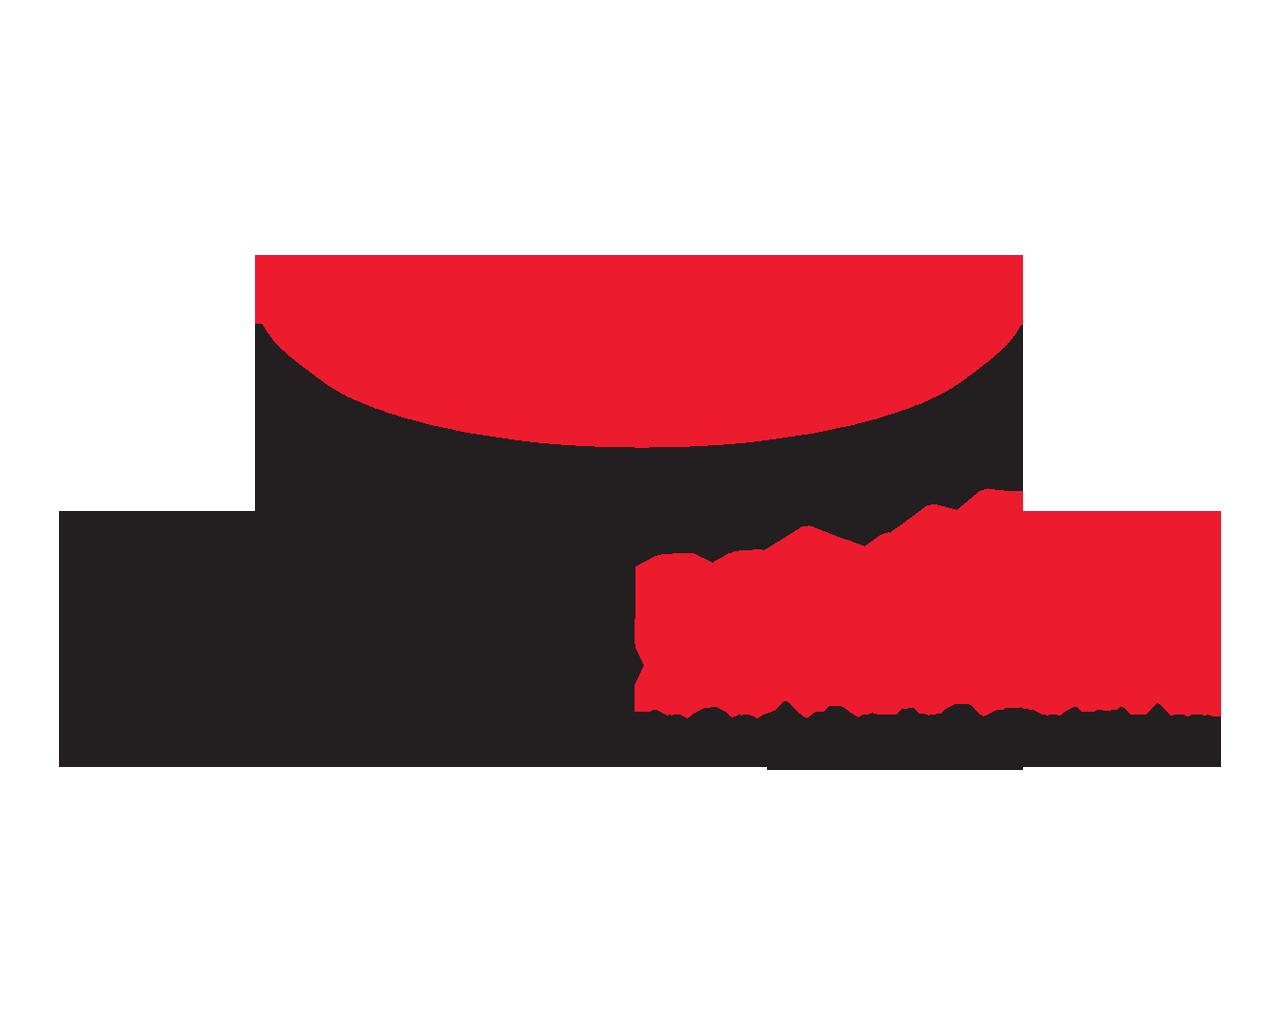 Vibration Solutions SpeedPlate EBA Pro System - For 4-Lug, 5-Lug, 6-Lug & 8-Lug wheels E400-360-50